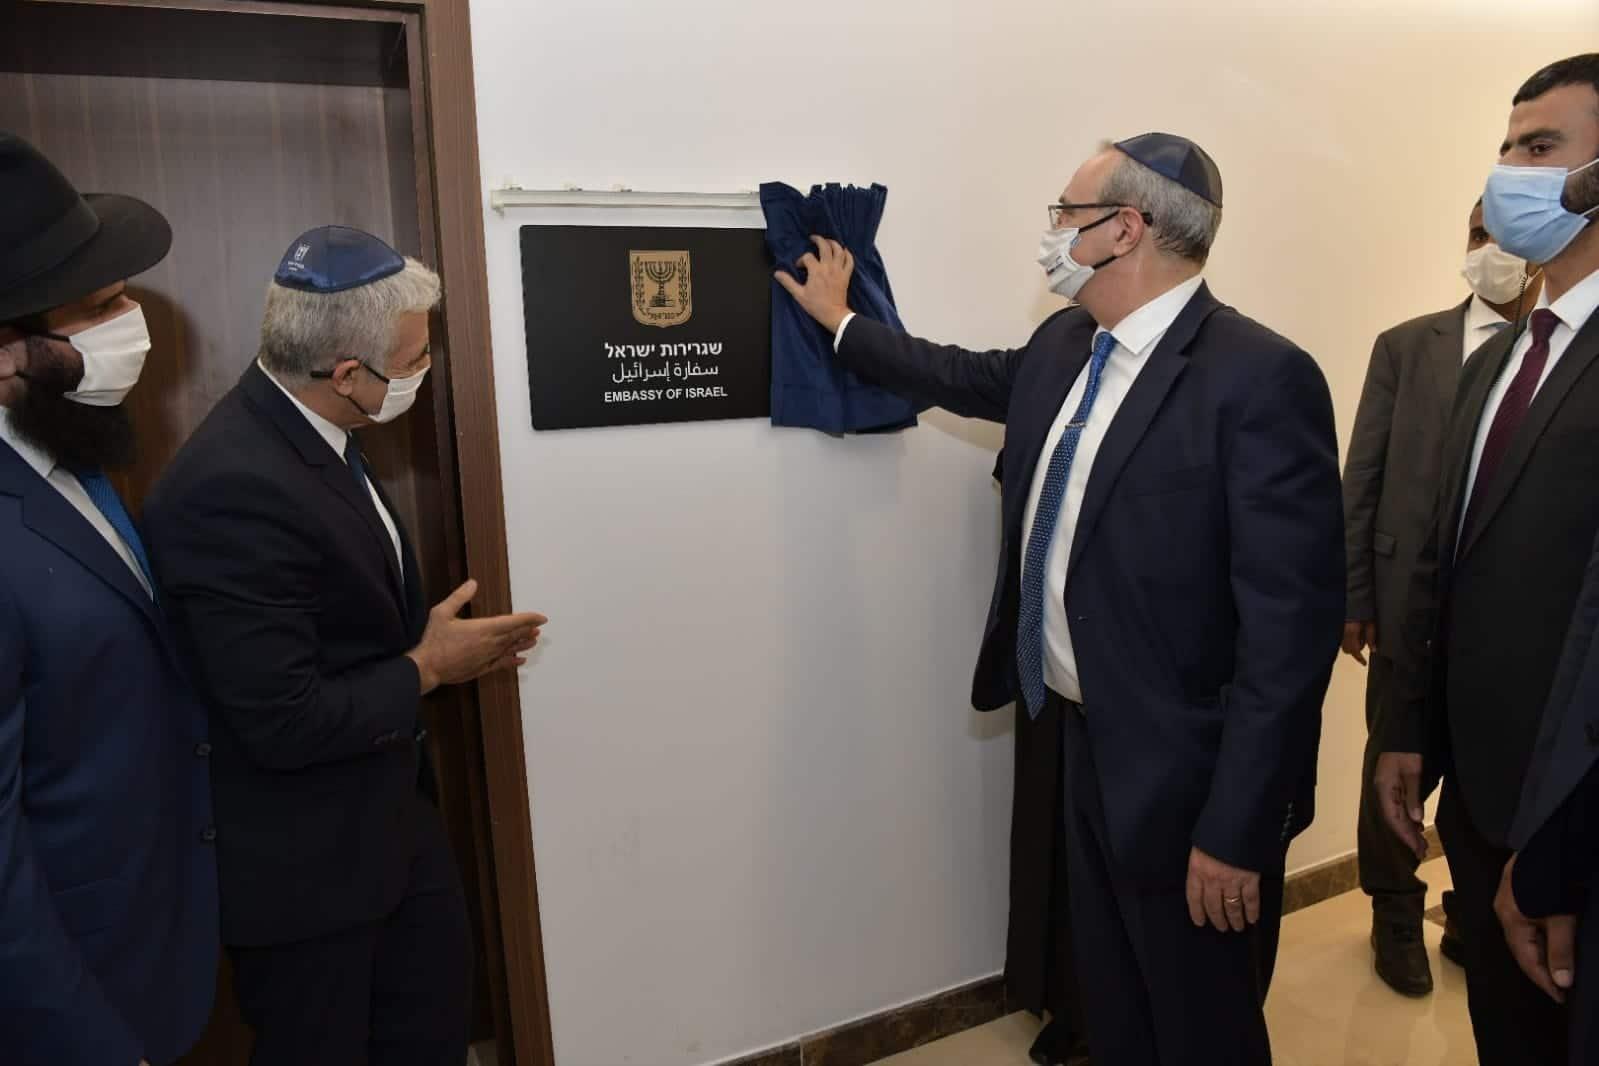 افتتاح السفارة الاسرائيلية في الإمارات